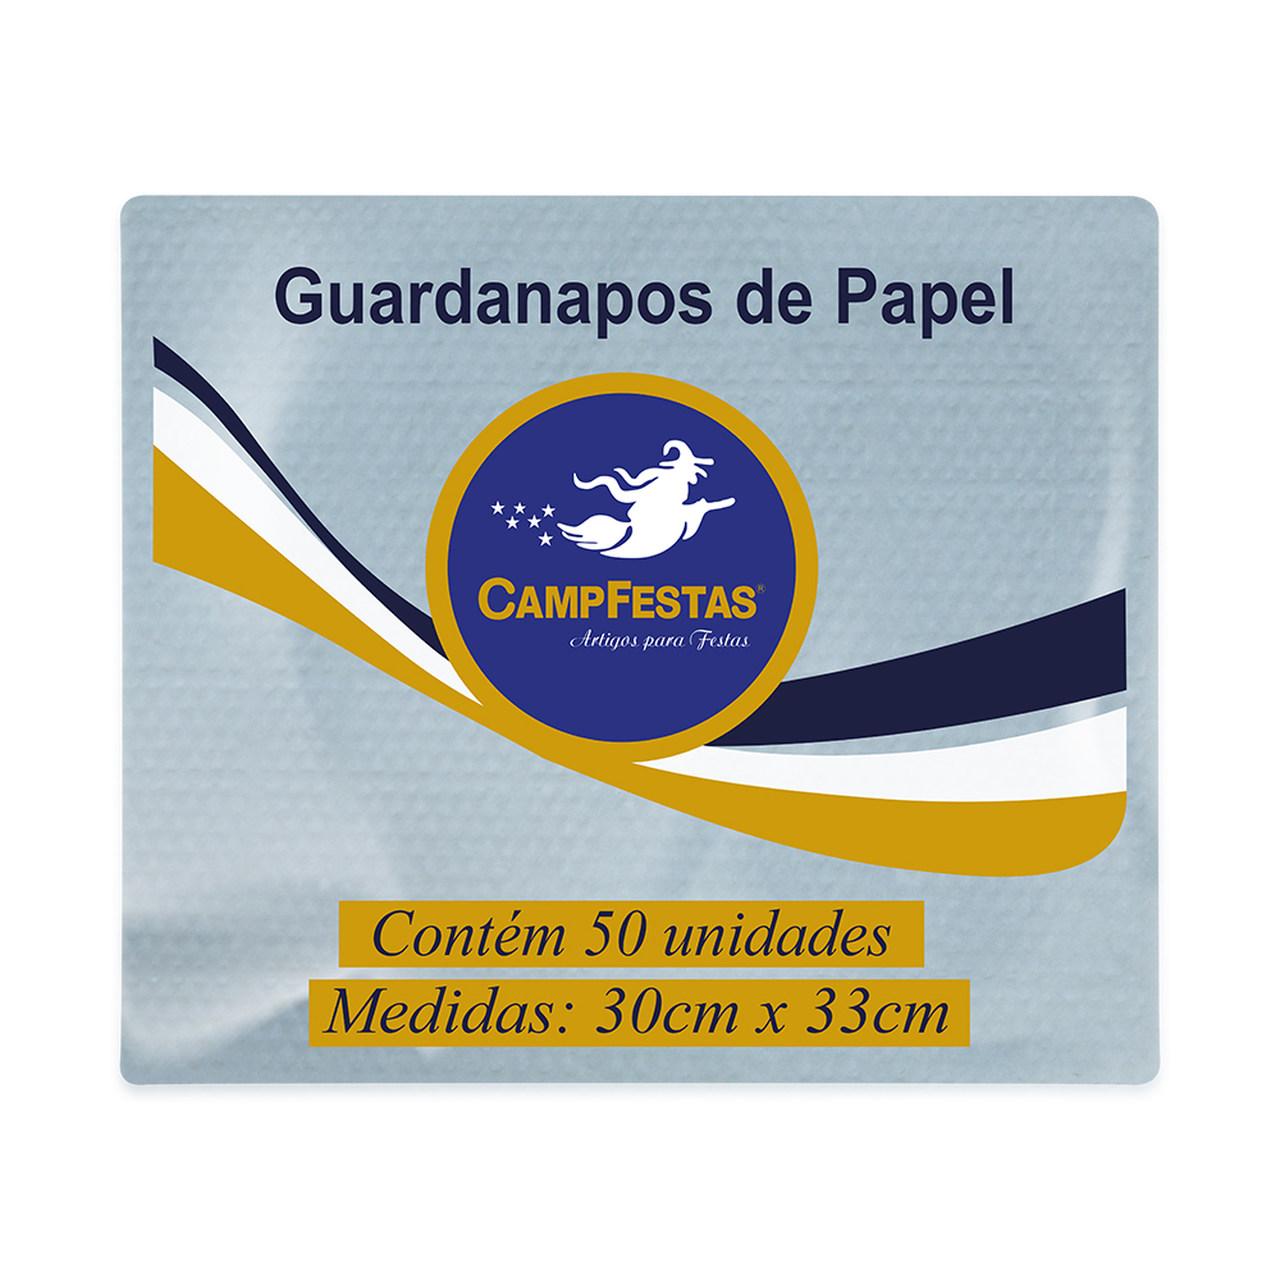 Guardanapo Crepado Folha Simples-CAMPFESTAS/ 50 Unidades